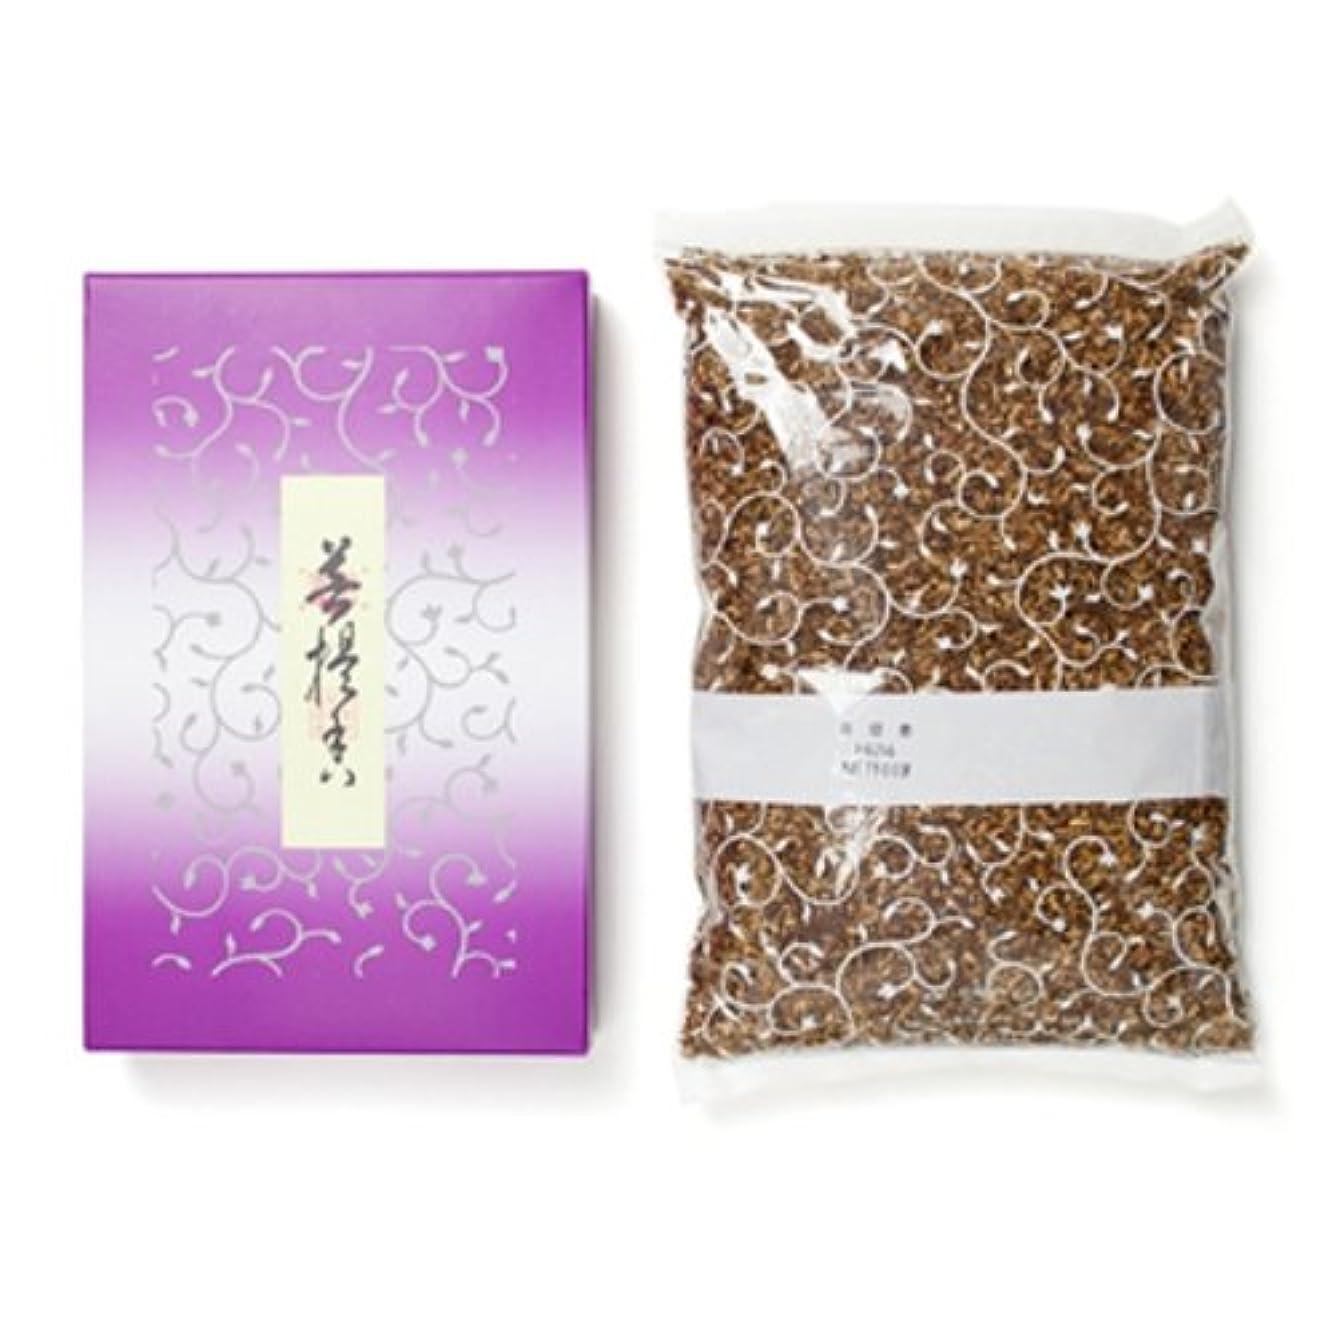 指標冬みすぼらしい松栄堂のお焼香 菩提香 500g詰 紙箱入 #410411